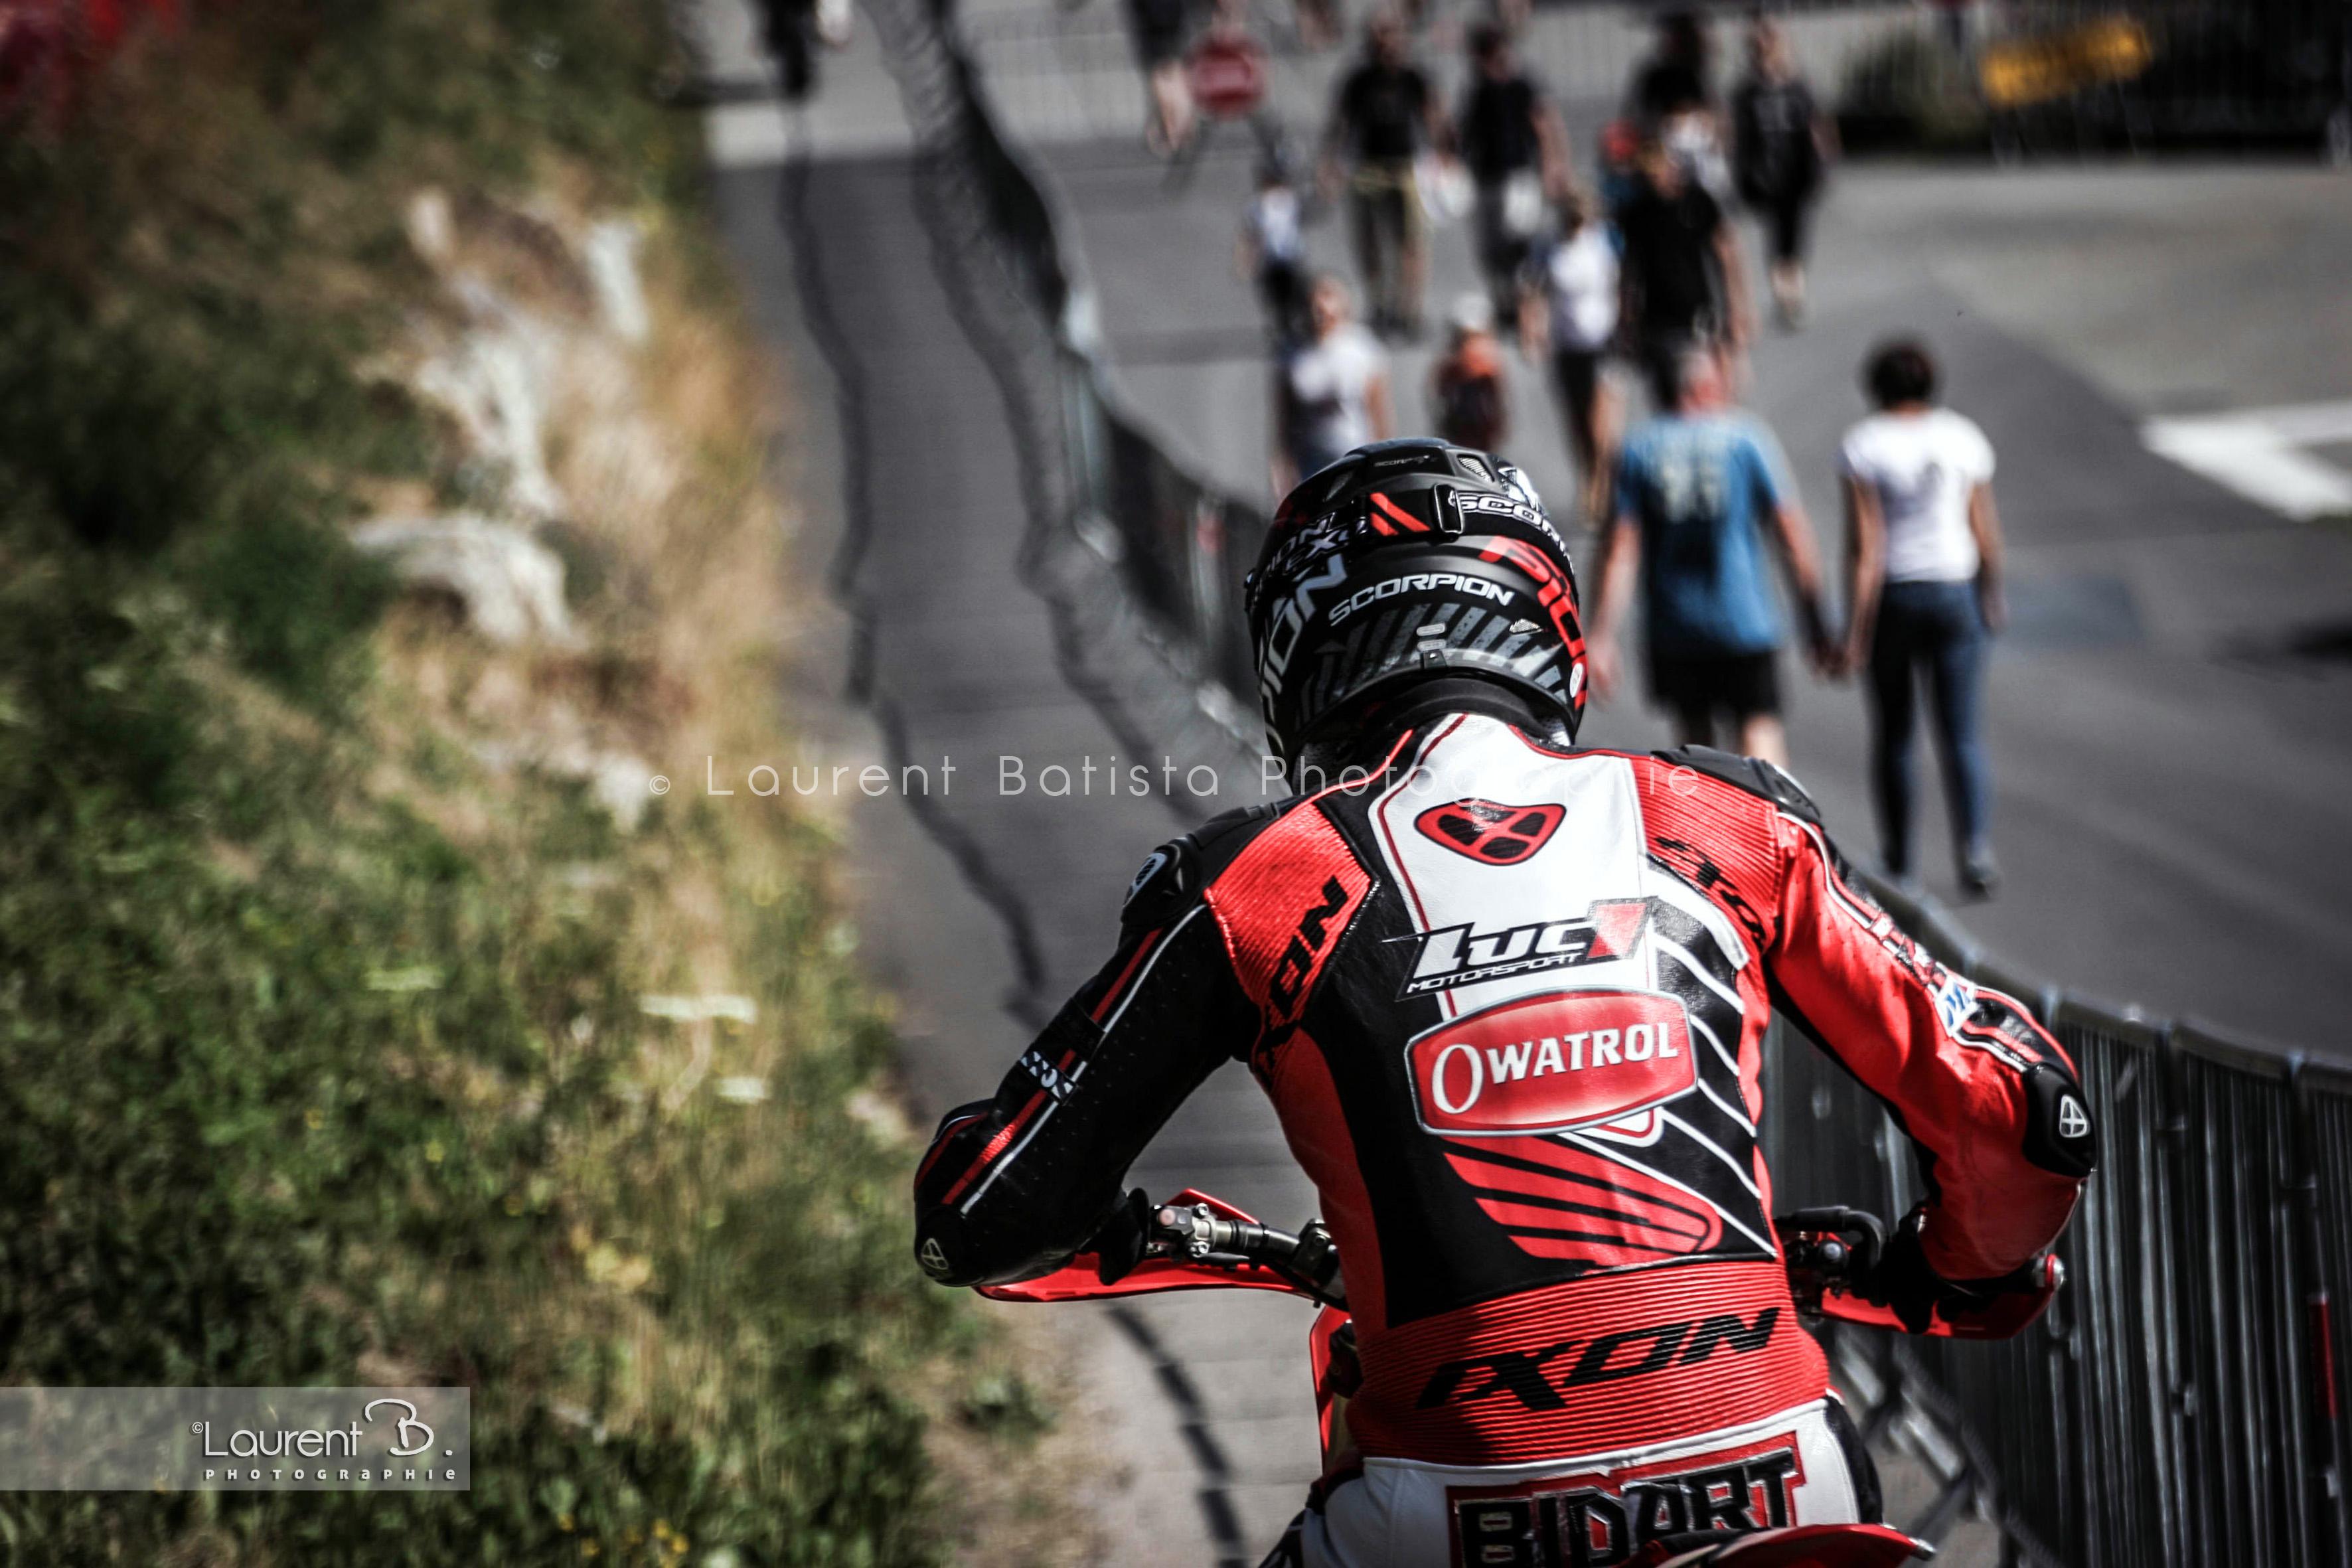 Alpe d'Huez 2015 - S1